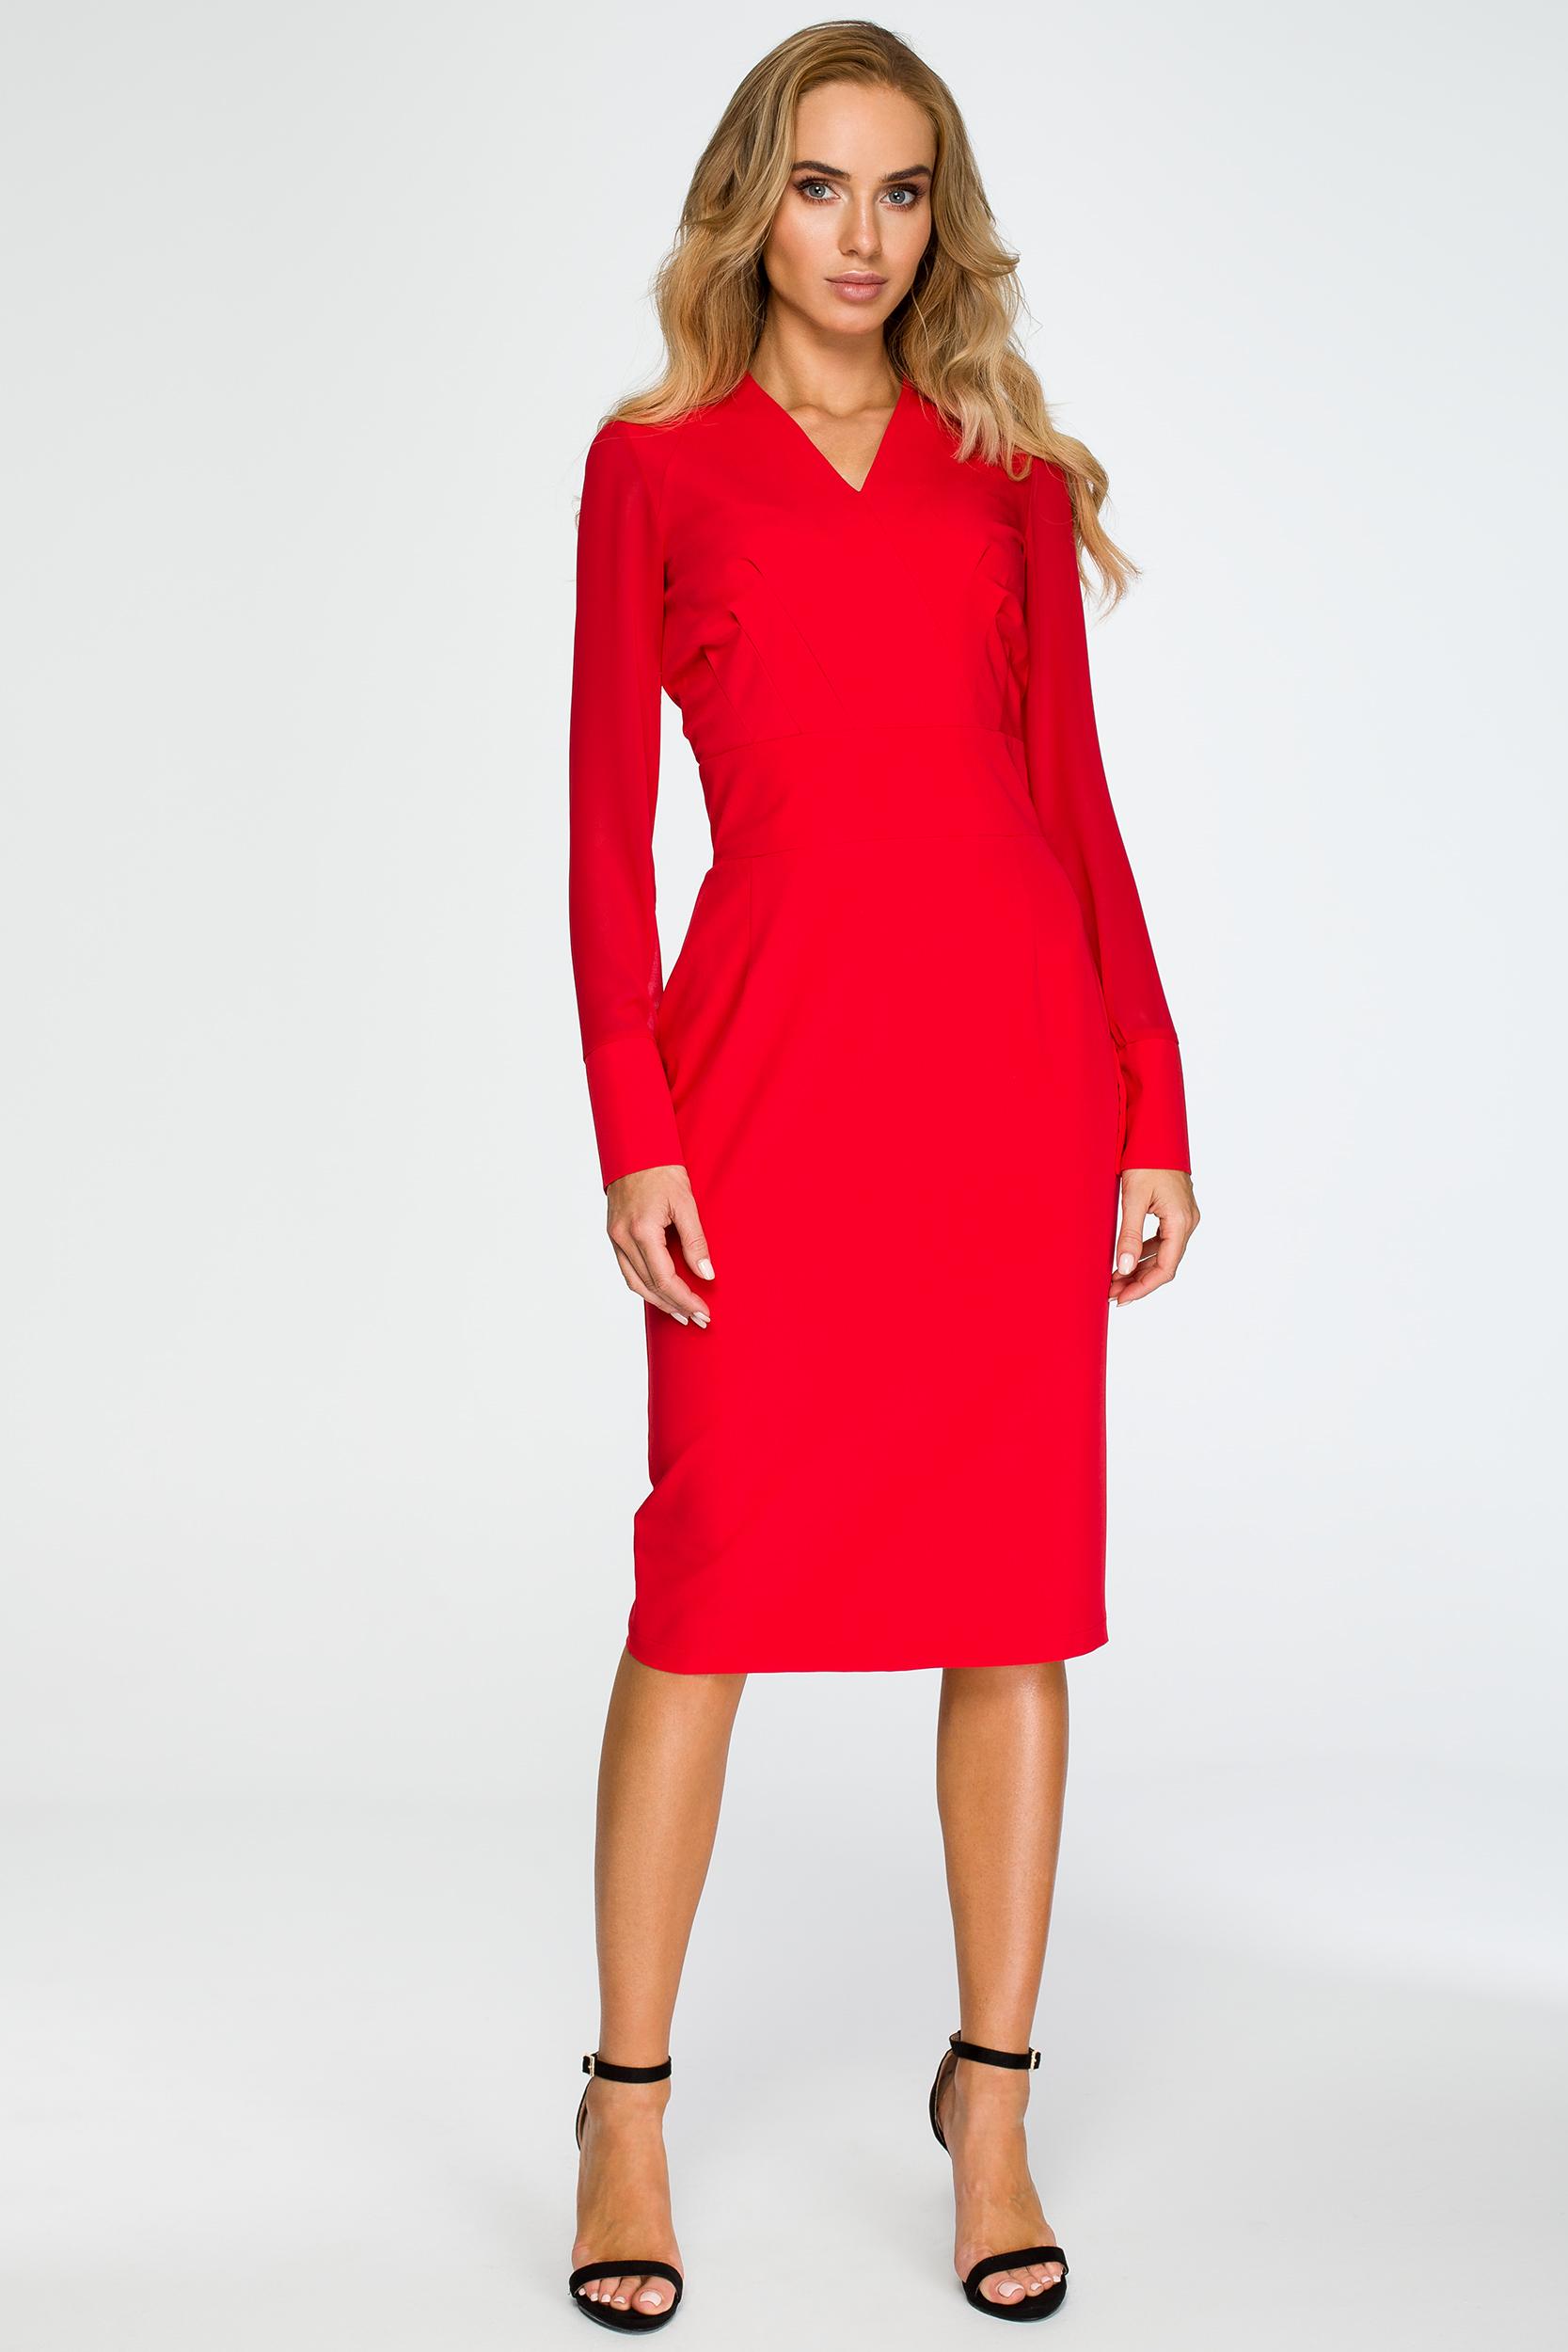 CM4033 Ołówkowa sukienka z szyfonowymi rękawami - czerwona